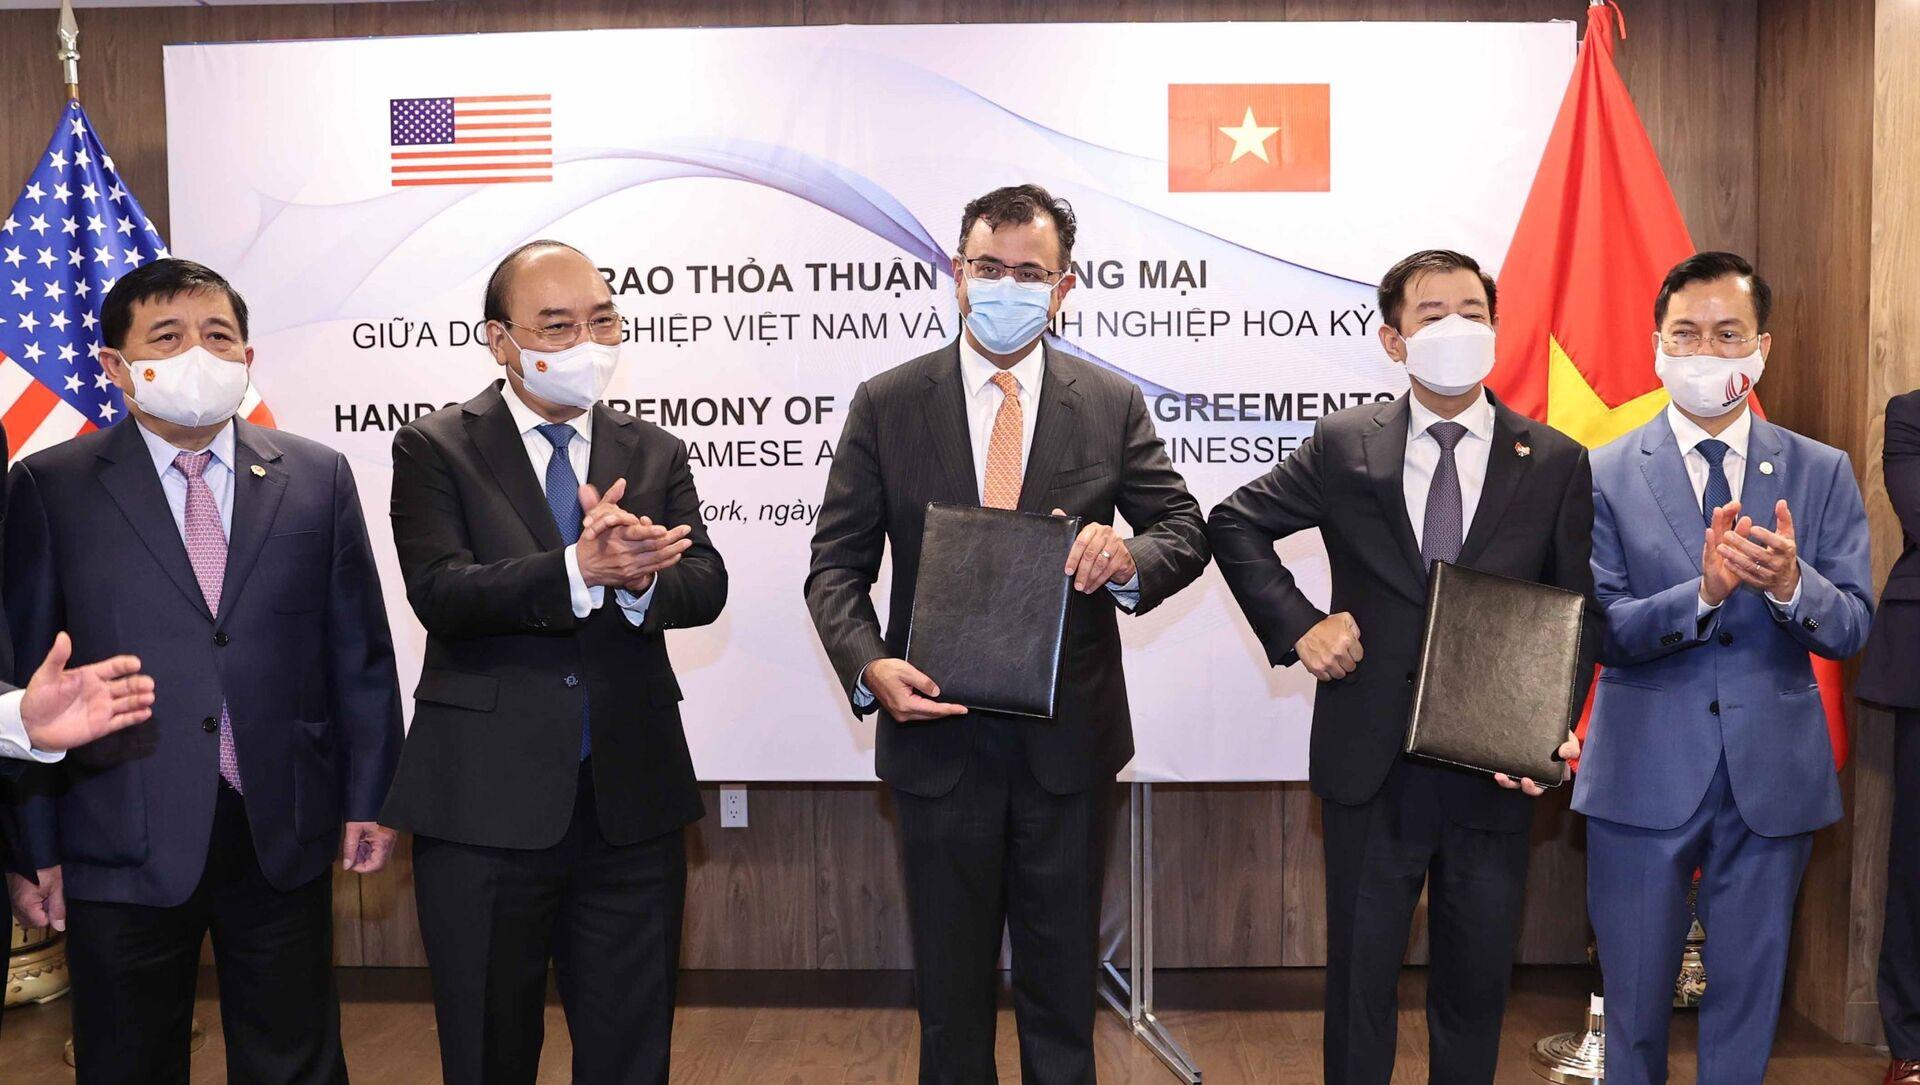 Chủ tịch nước Nguyễn Xuân Phúc chứng kiến Lễ trao Thoả thuận hợp tác giữa các doanh nghiệp Việt Nam và doanh nghiệp Hoa Kỳ - Sputnik Việt Nam, 1920, 23.09.2021